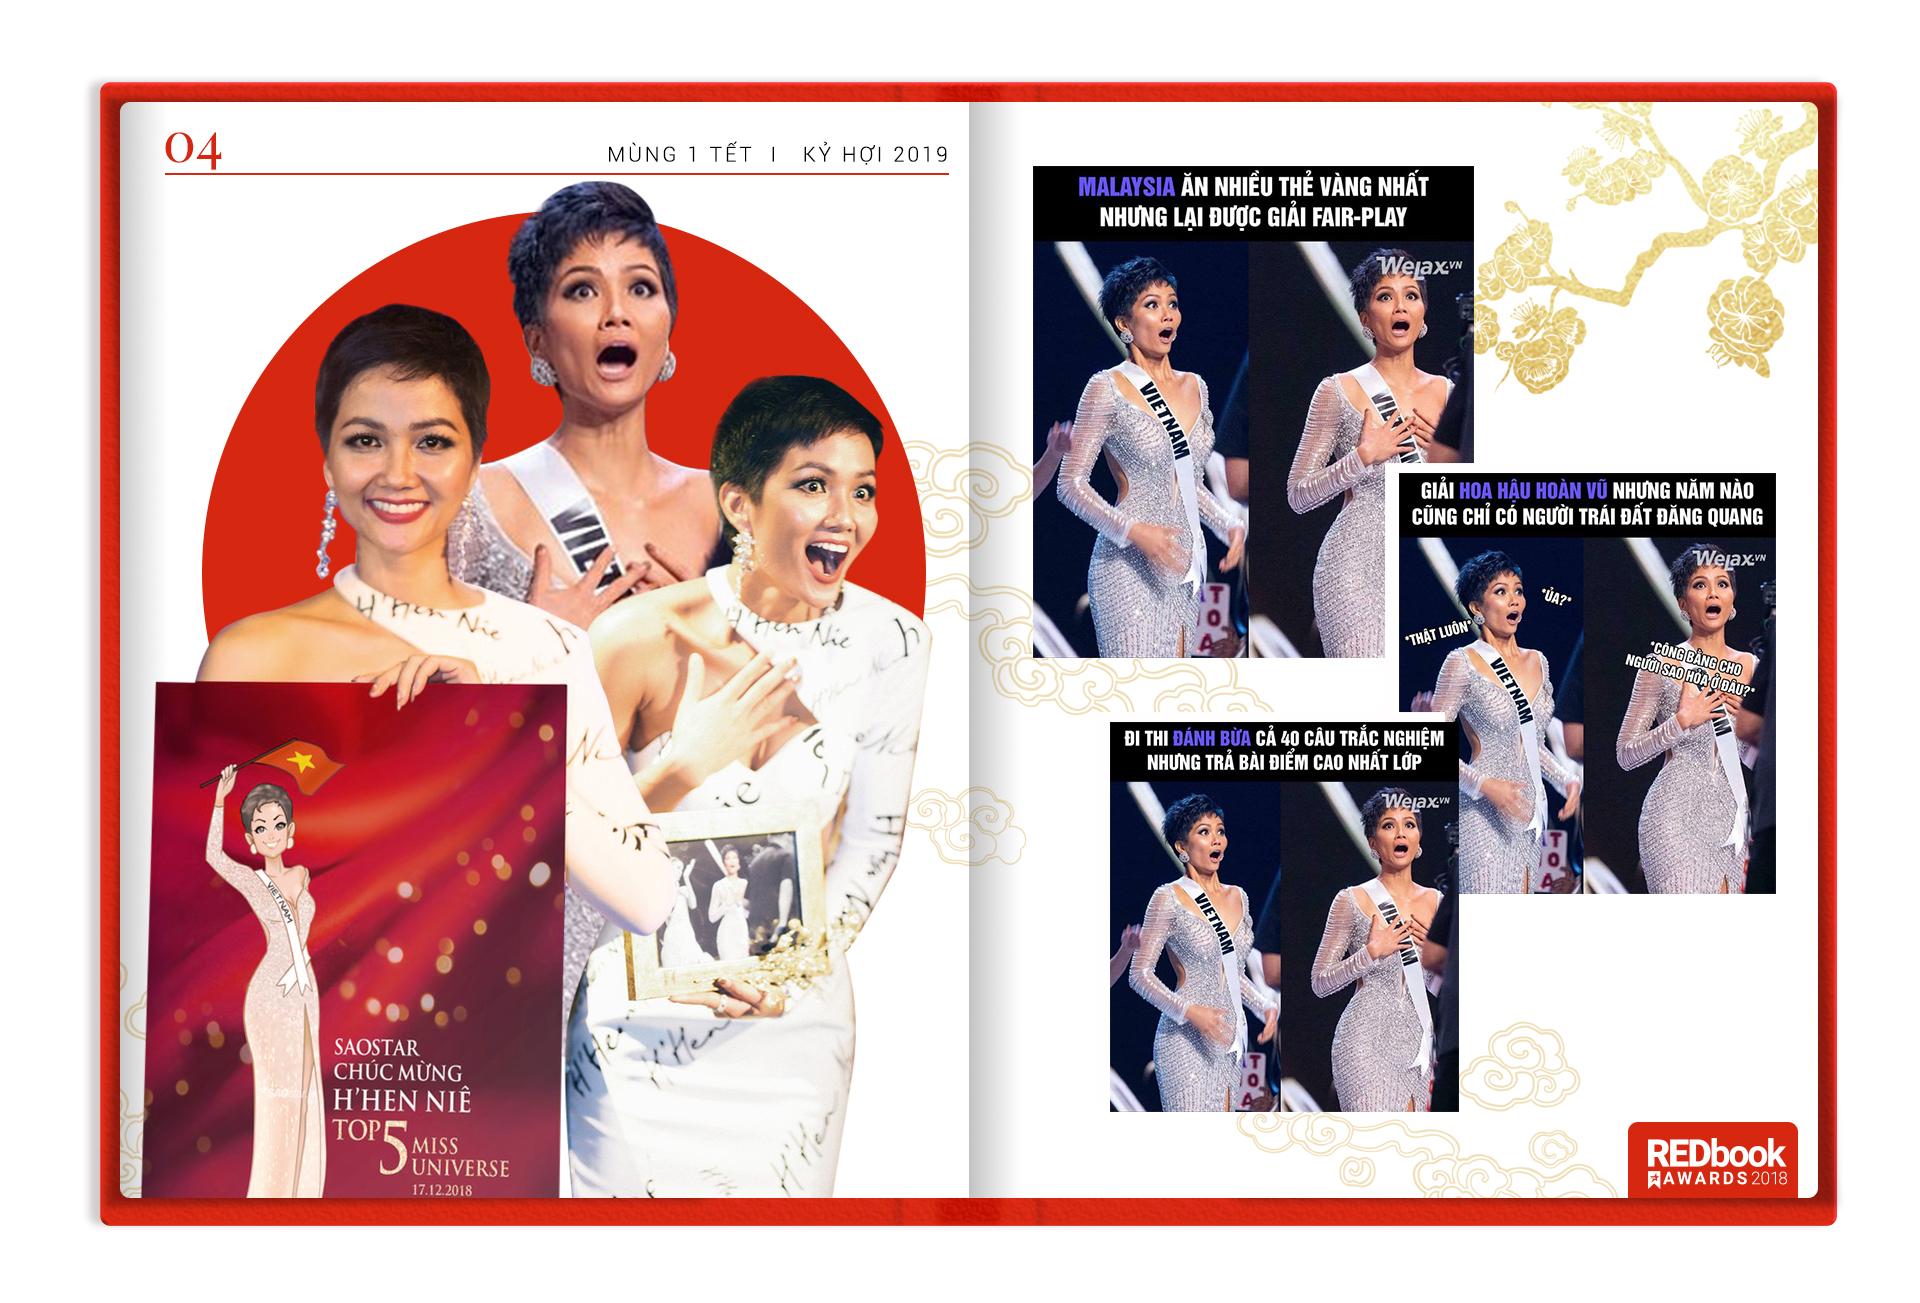 REDbook Tết Kỷ Hợi - Ngôi sao mùng 1 Tết:  Hoa hậu H'Hen Niê